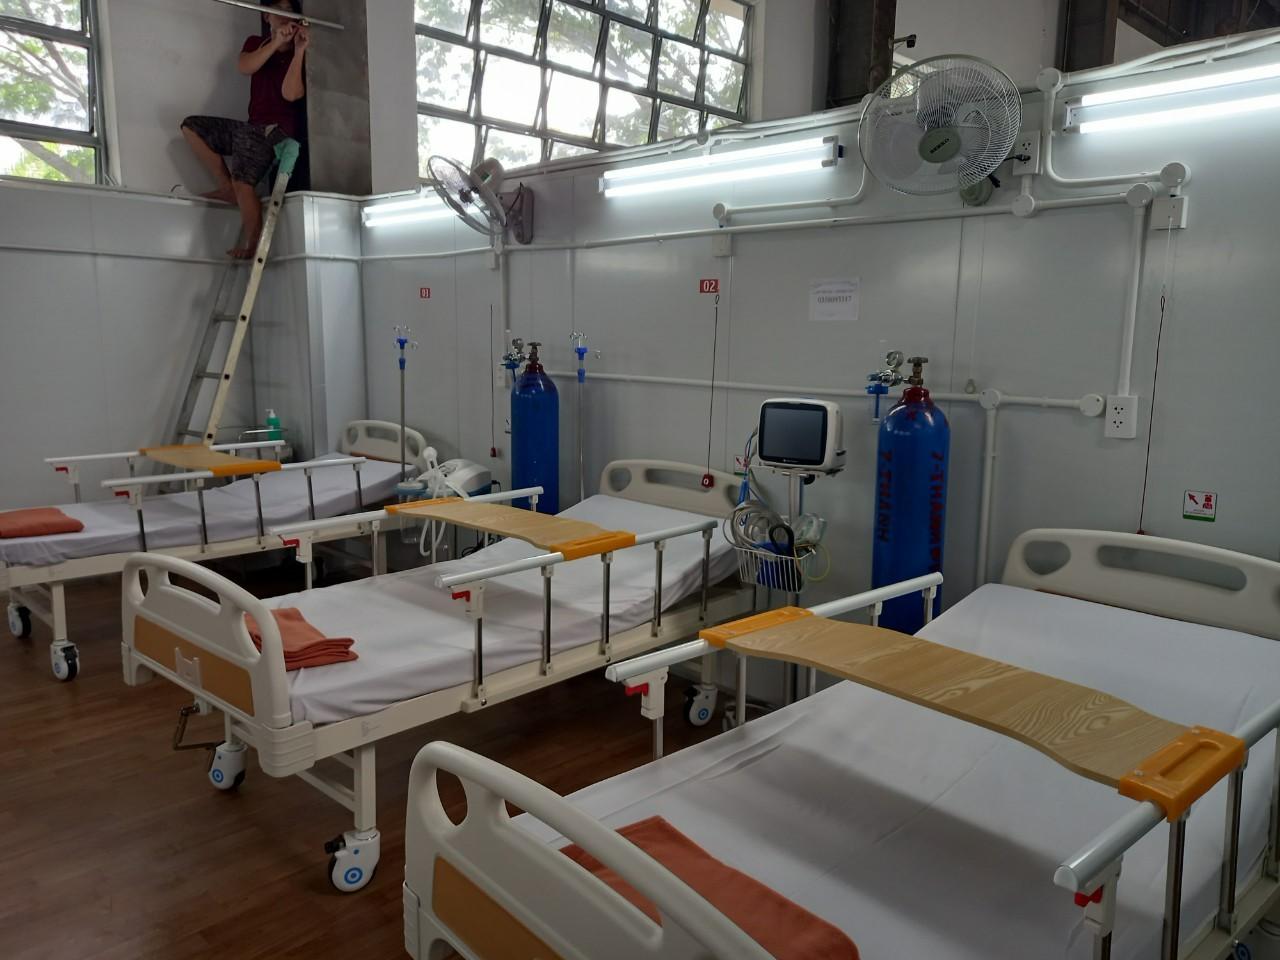 Bộ Y tế giao các Bệnh viện tuyến trung ương lập 3.000 giường hồi sức tại TPHCM, Giám đốc các bệnh viện trung ương sẽ làm giám đốc các bệnh viện này.